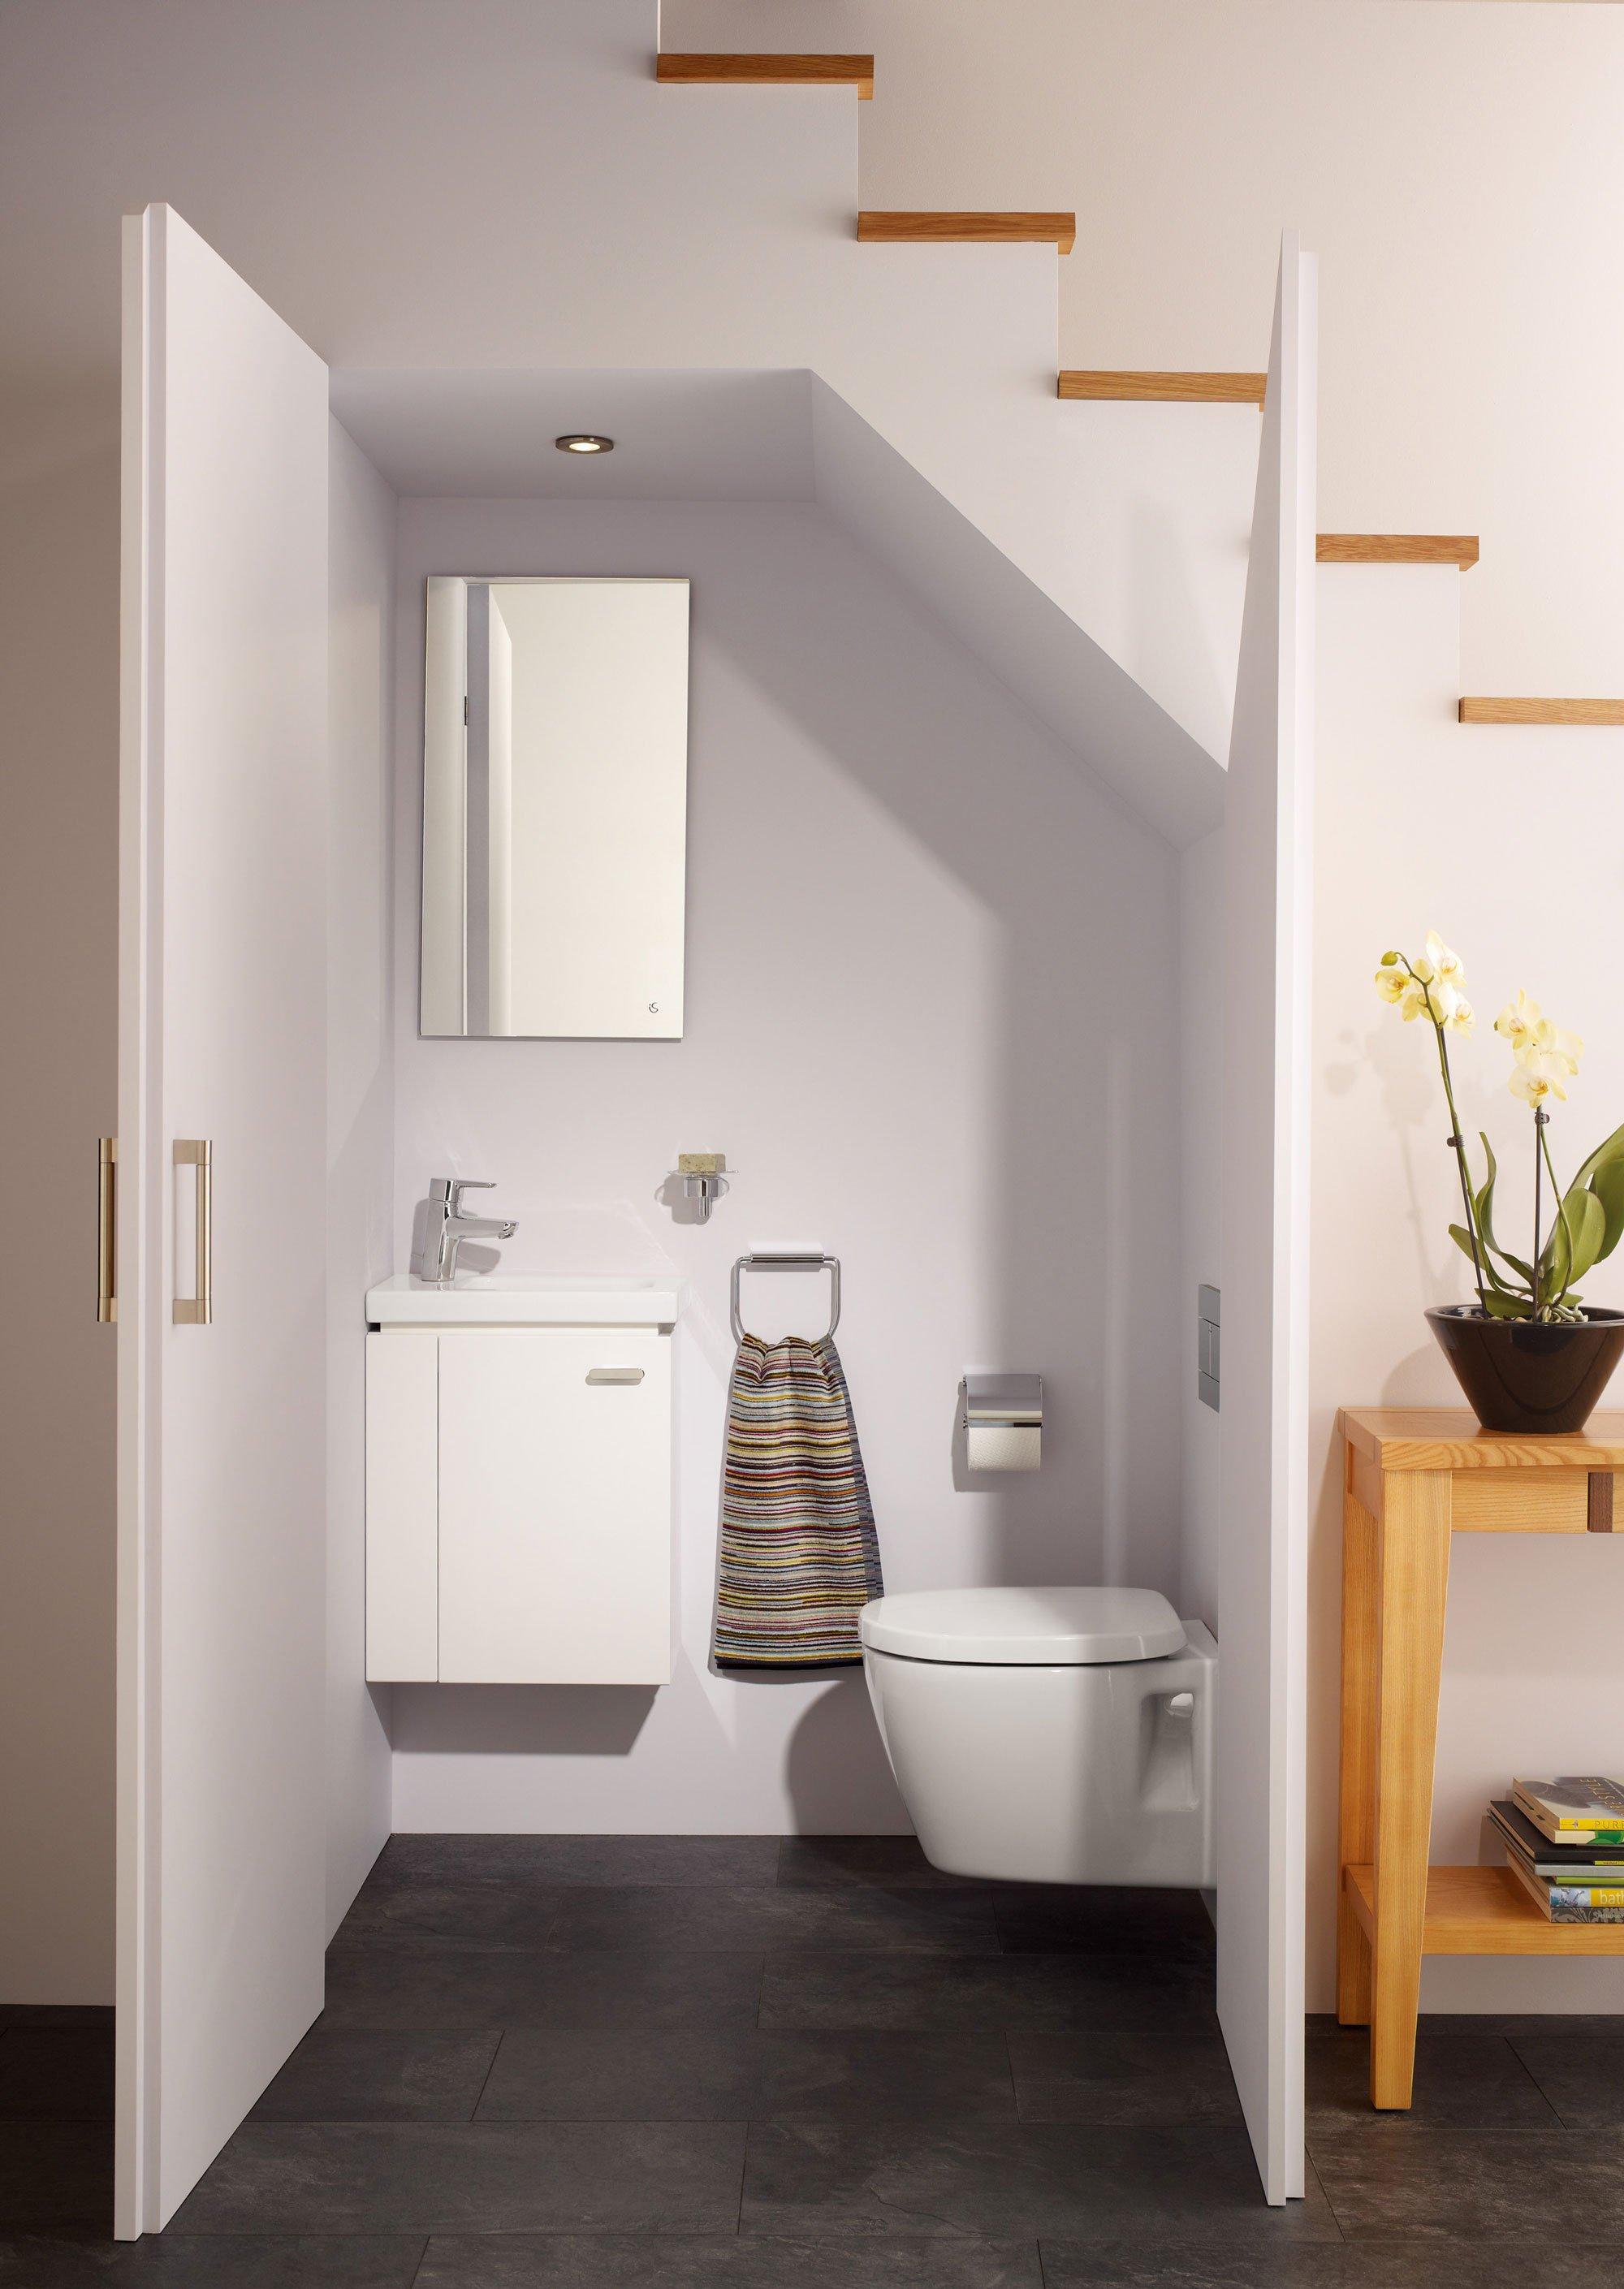 fanno parte della collezione connect space 51 di ideal standard il lavamani in ceramica bianca con